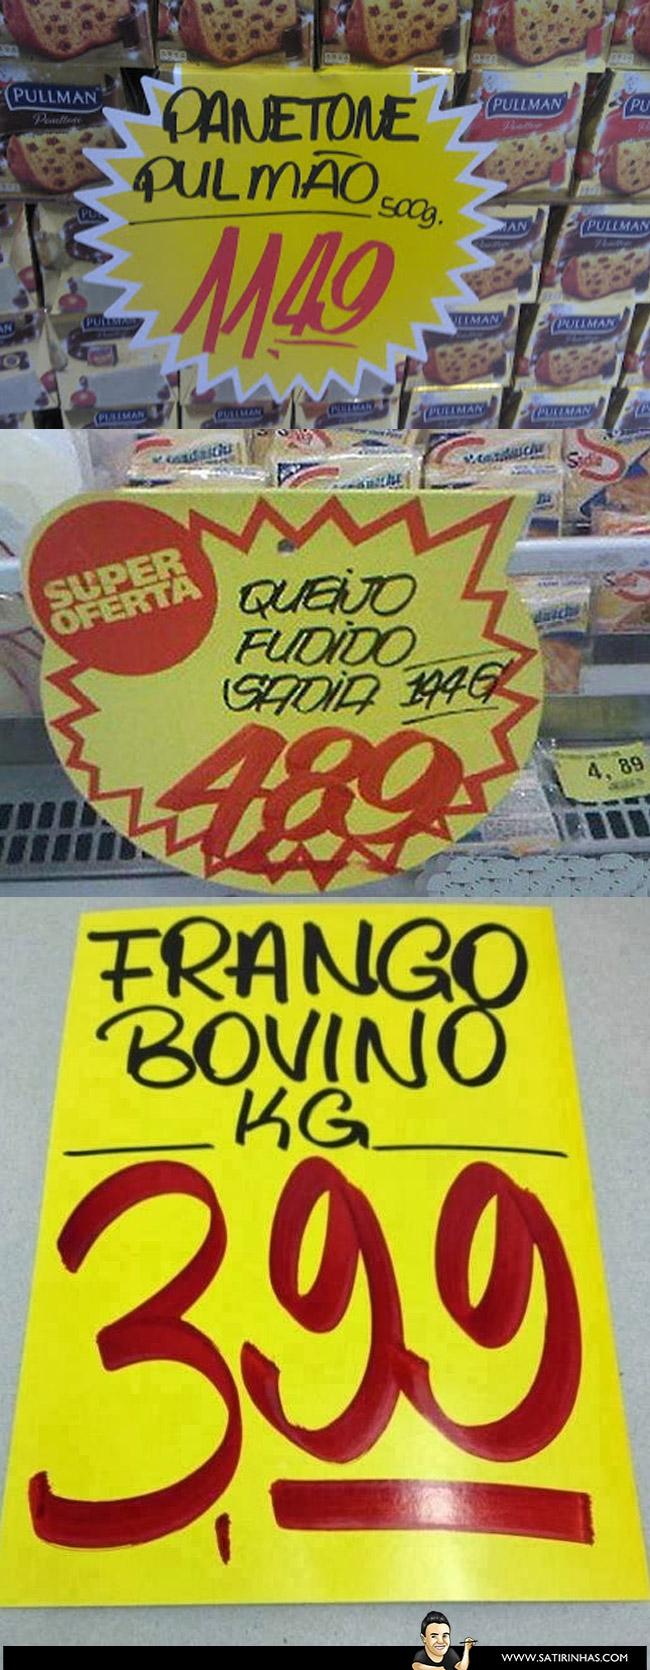 E aquelas promoções imperdíveis de supermercado? Sempre tem um vacilo!